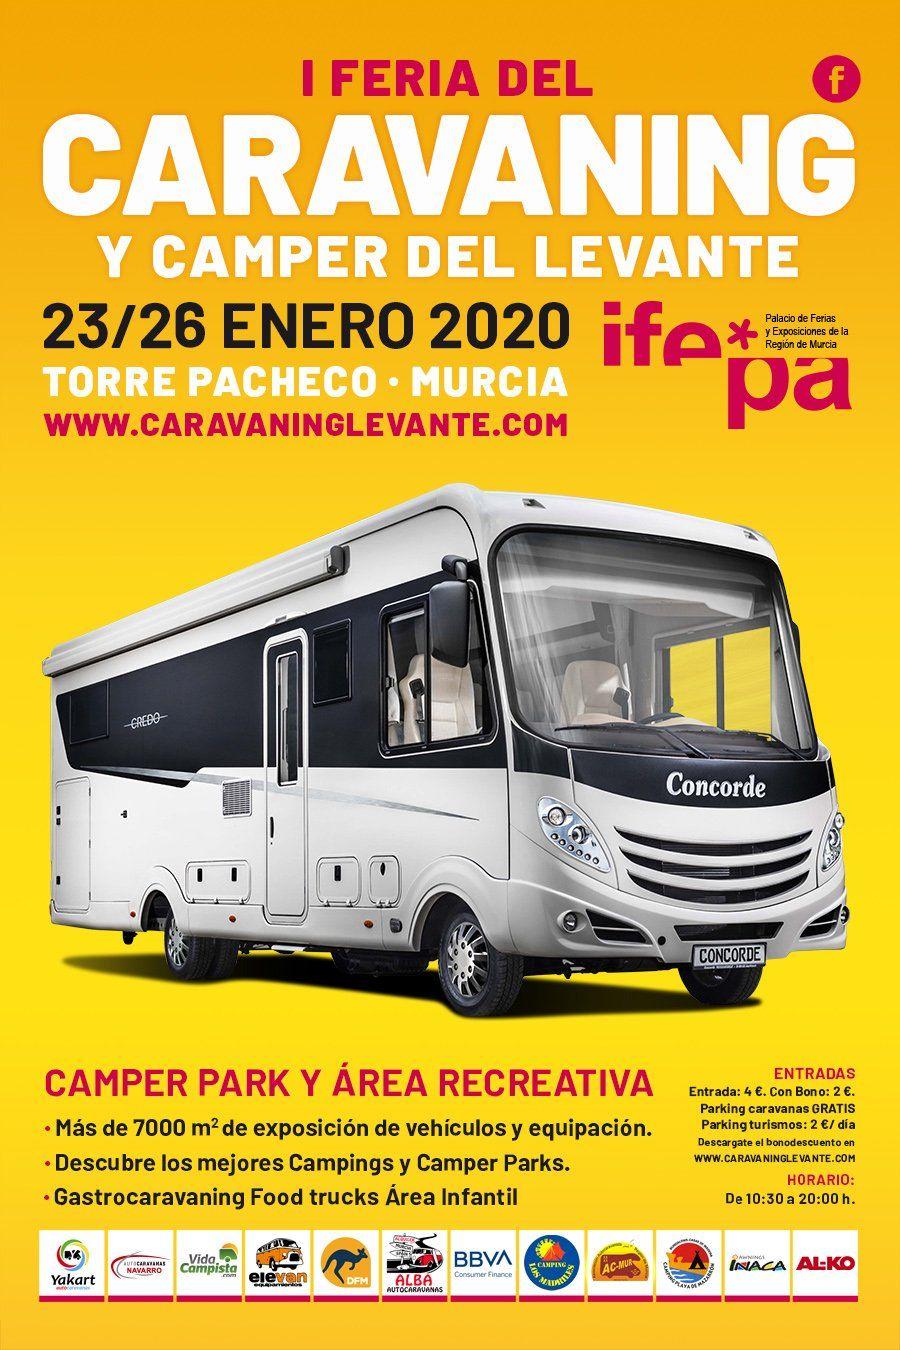 Inicio Caravaning Levante Torre Pacheco Camper Parking